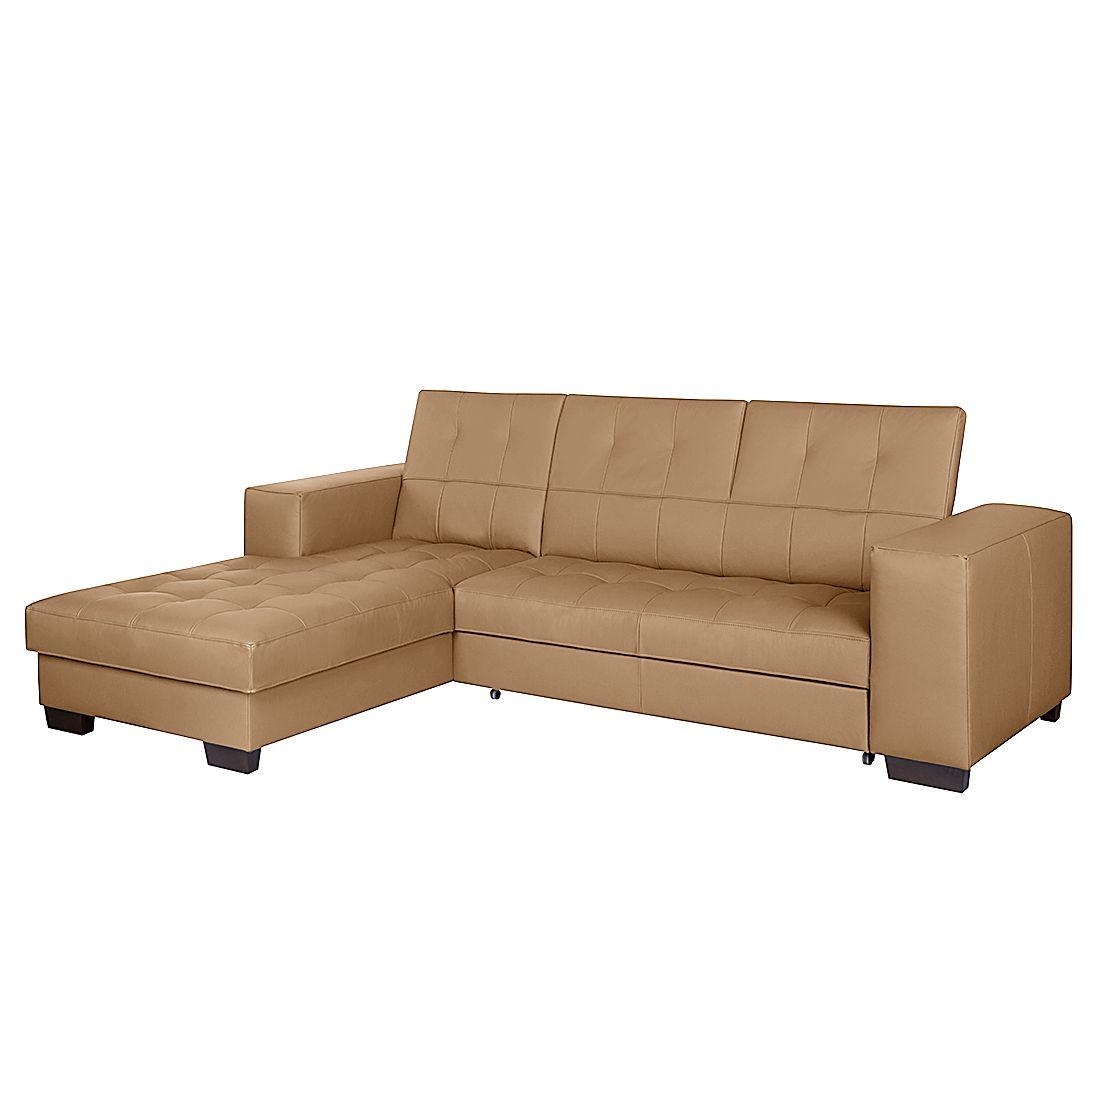 ecksofa soliera mit schlaffunktion echtleder longchair ottomane davorstehend links mit. Black Bedroom Furniture Sets. Home Design Ideas